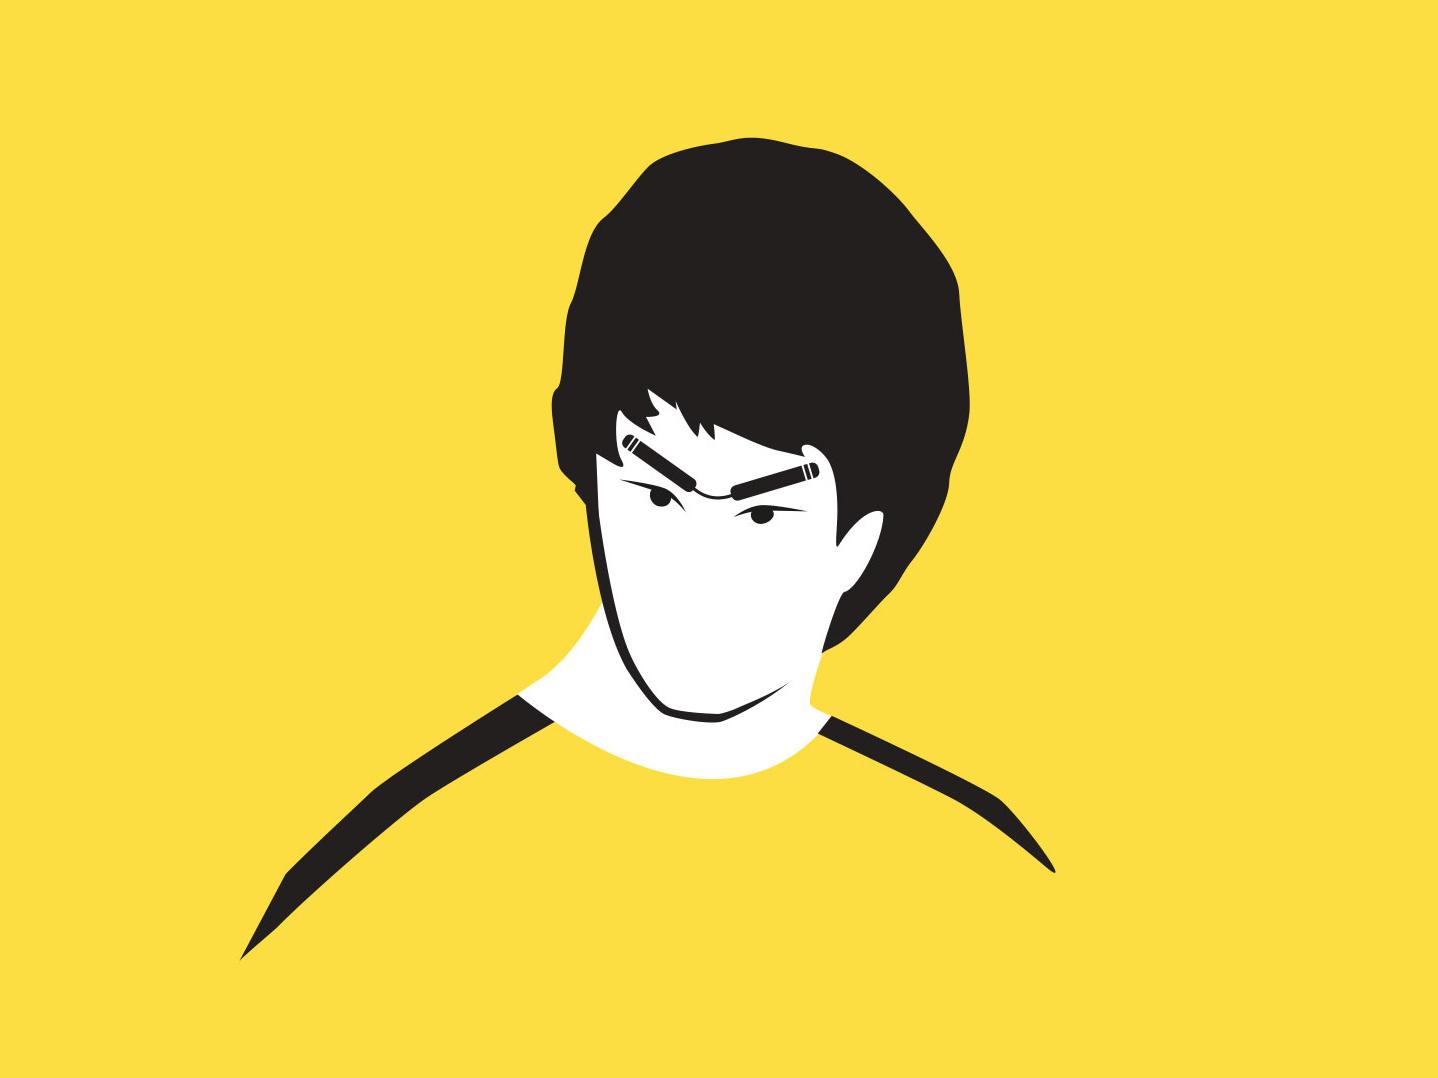 Bruce Lee - Portrait illustration minimal faces vector clean portrait flat graphic  design character 2d